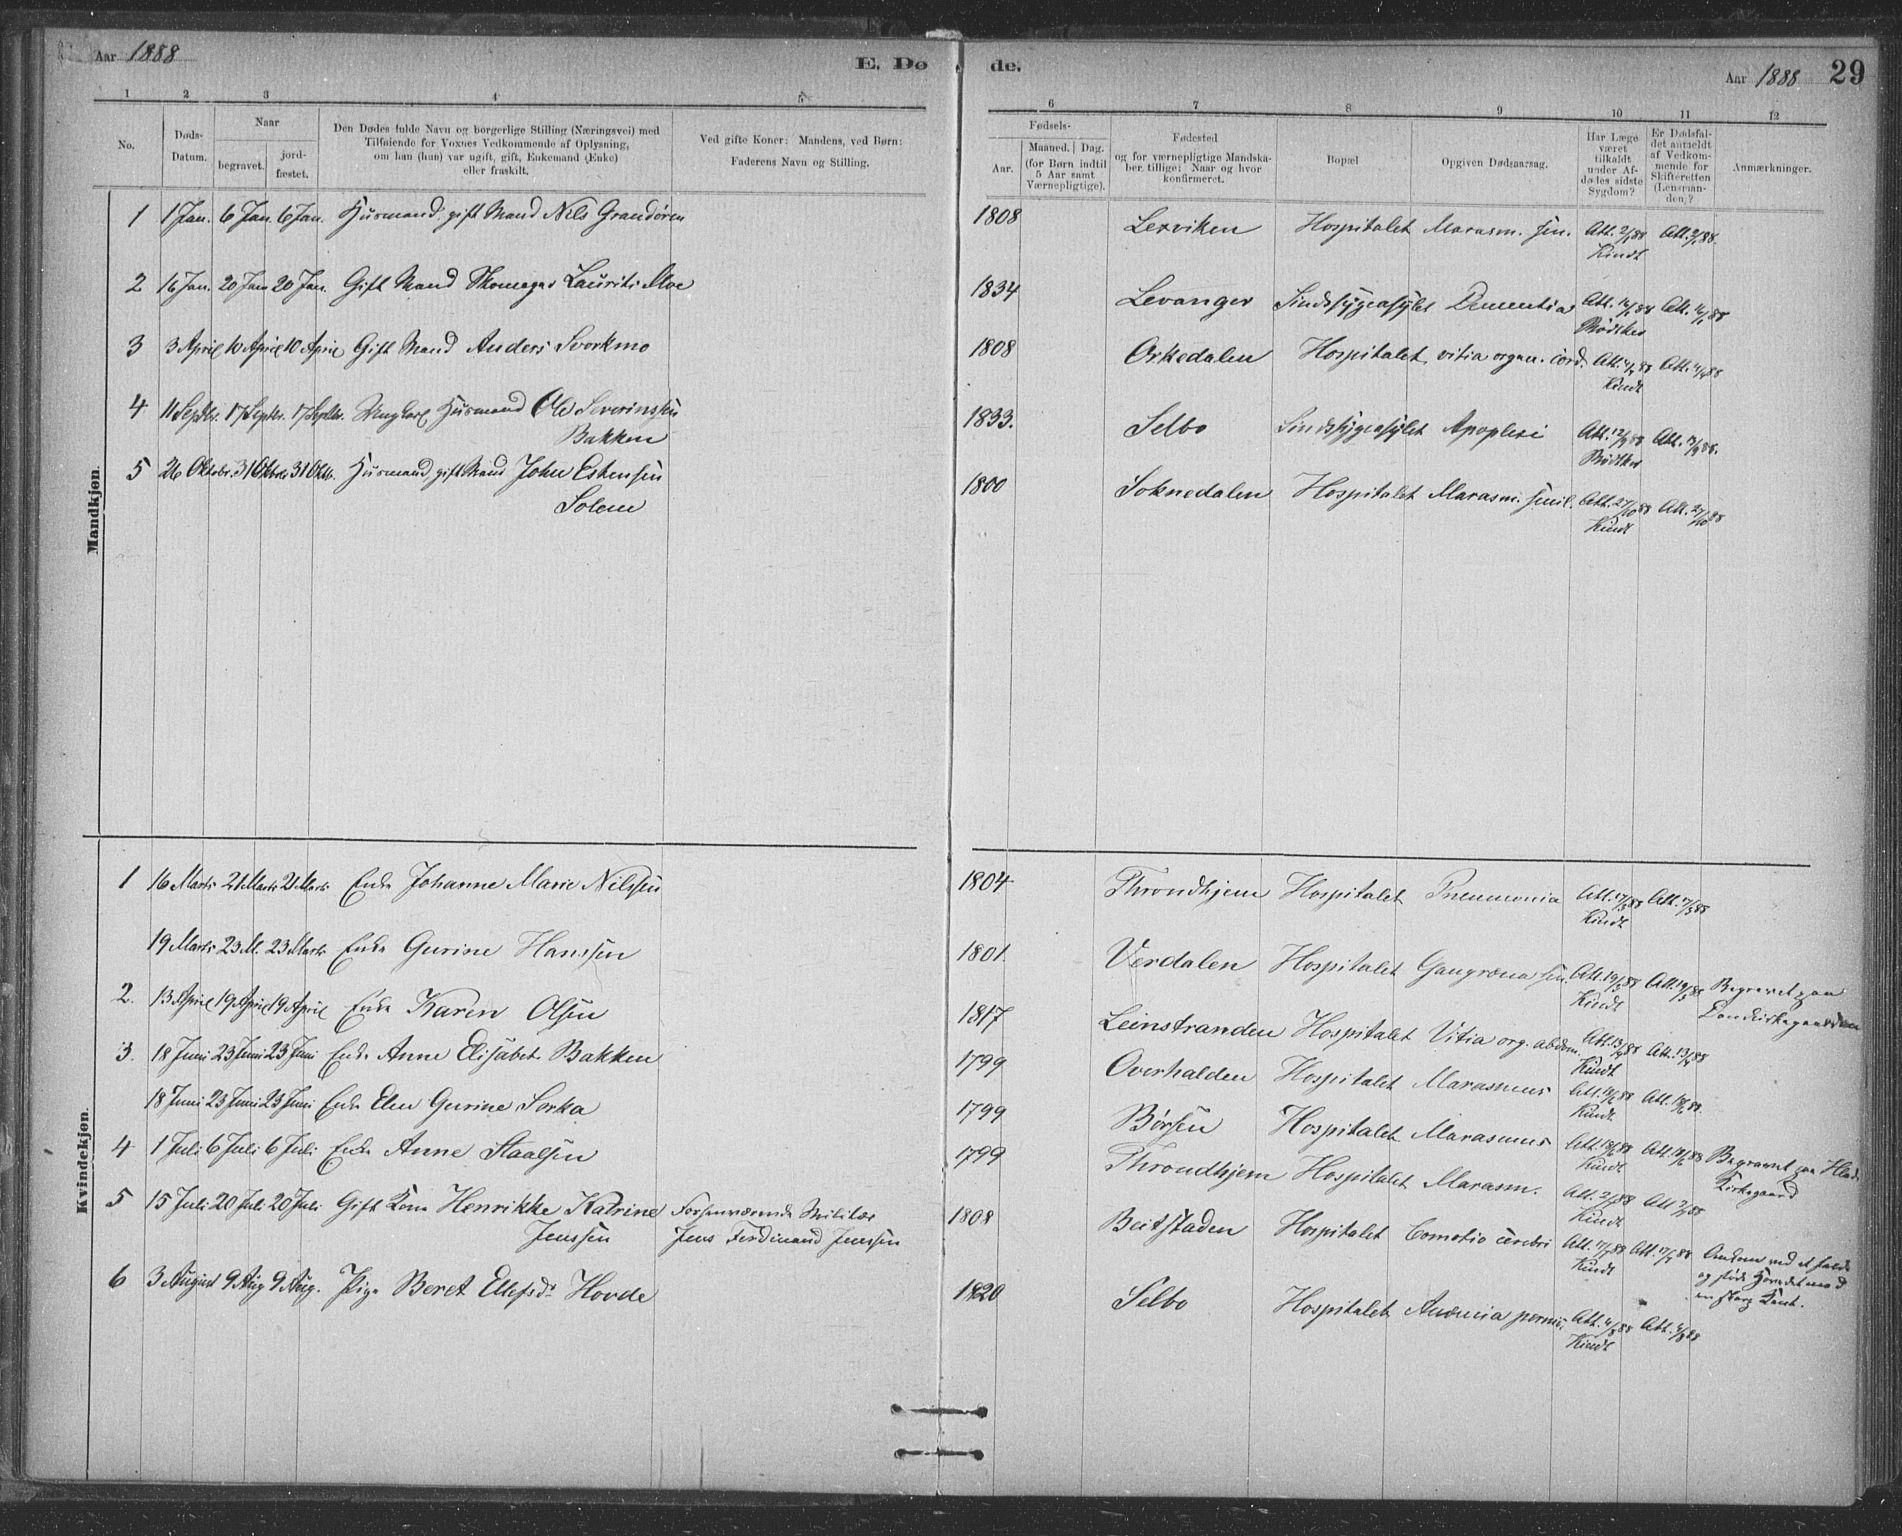 SAT, Ministerialprotokoller, klokkerbøker og fødselsregistre - Sør-Trøndelag, 623/L0470: Ministerialbok nr. 623A04, 1884-1938, s. 29